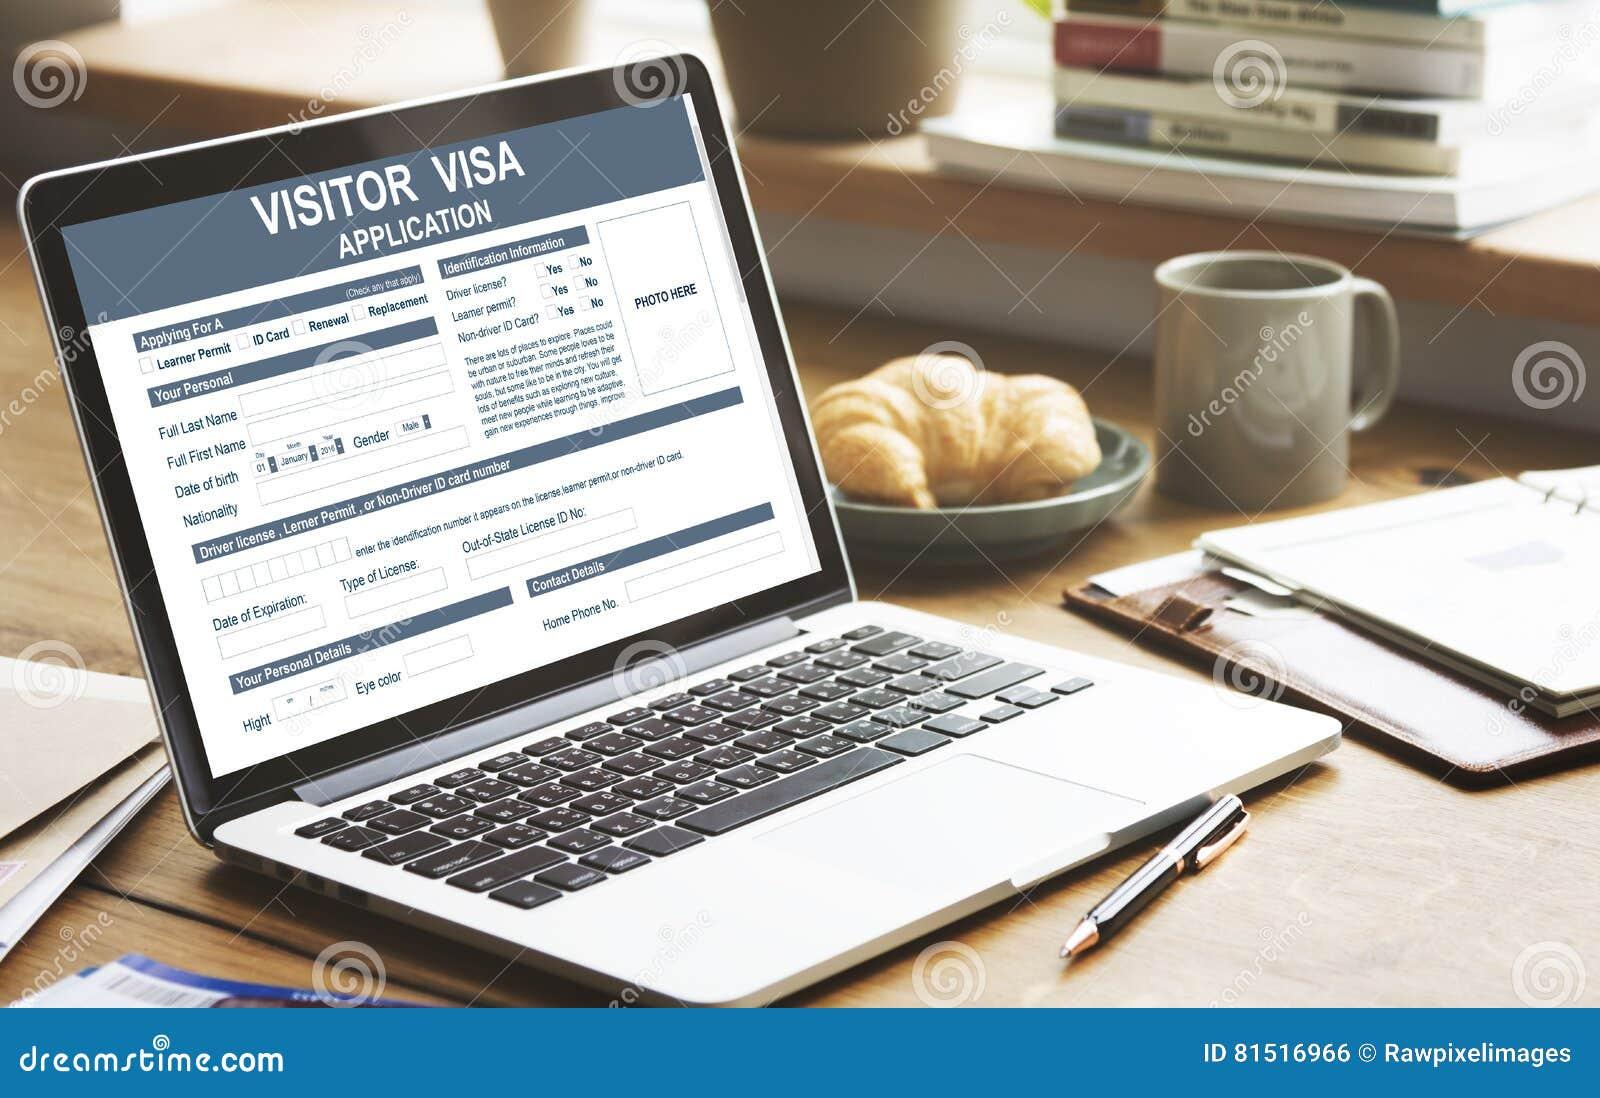 Besucher-Visumsantrag-Immigrations-Konzept